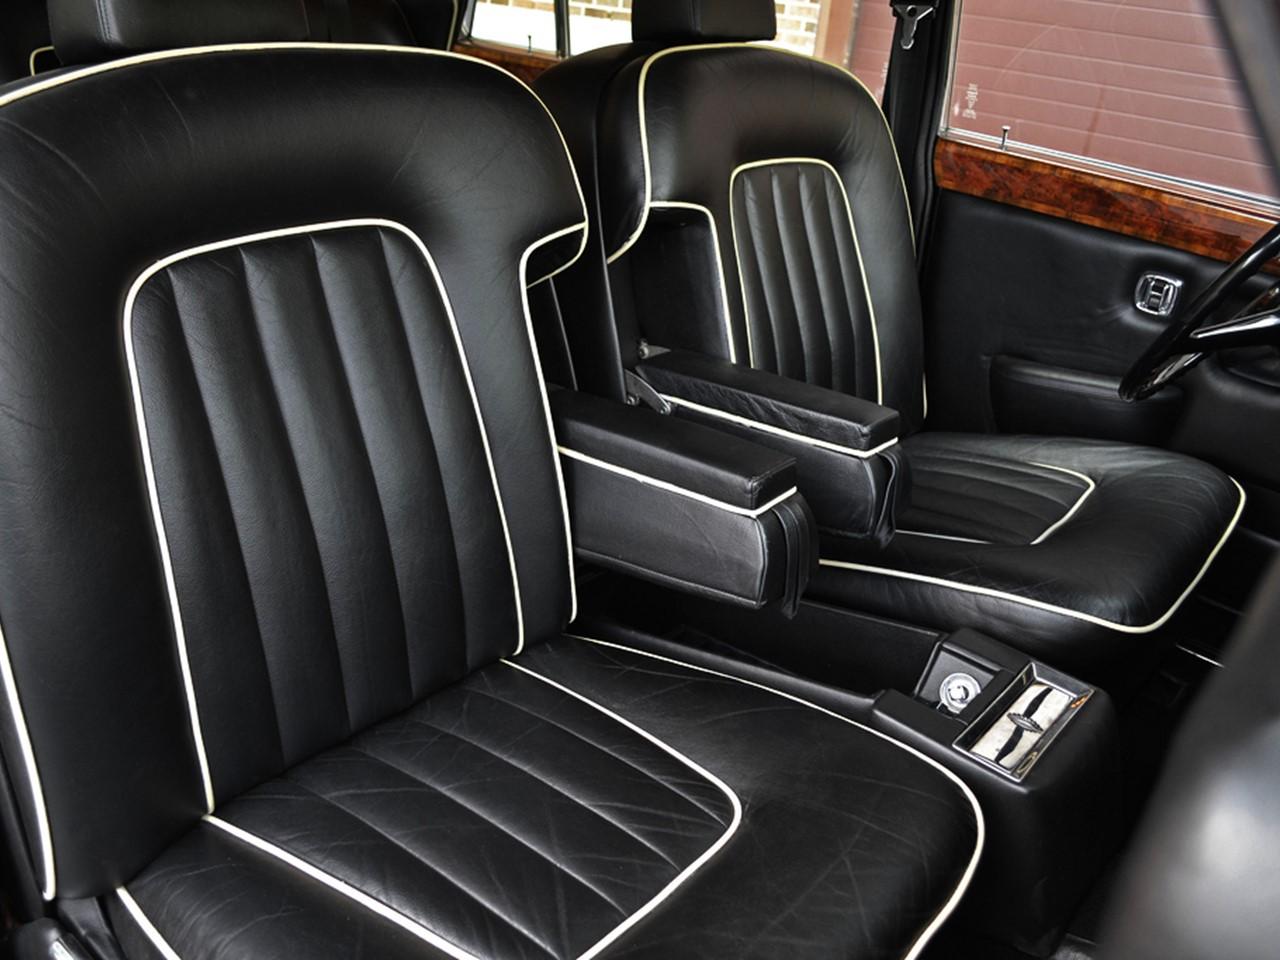 1980 Silver Wraith II 4-dooe saloon 12